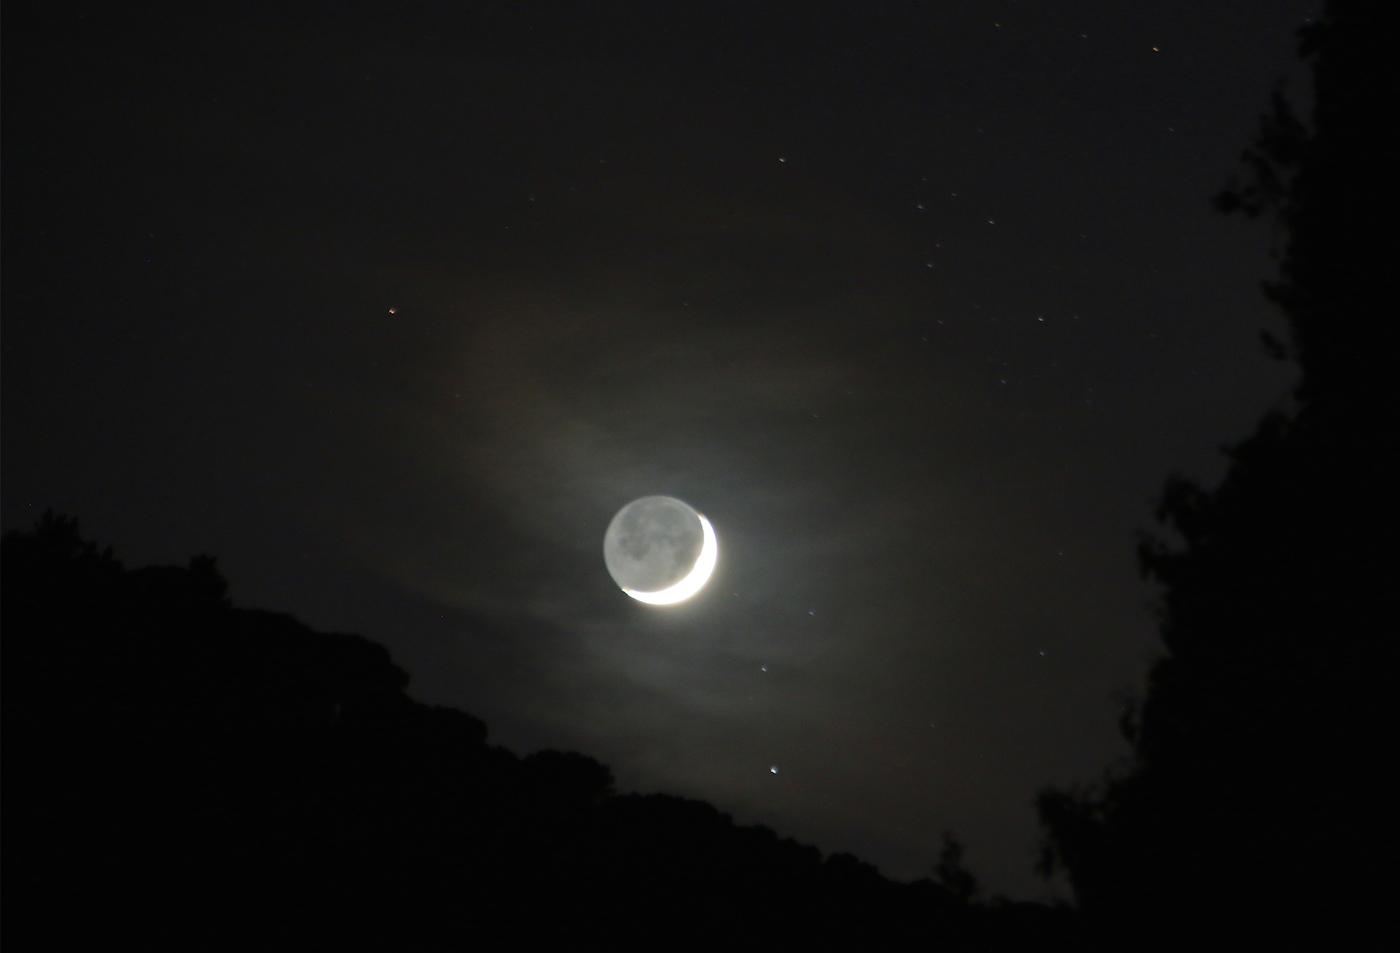 La luna creciente desde arenys de munt barcelona el for Proxima luna creciente